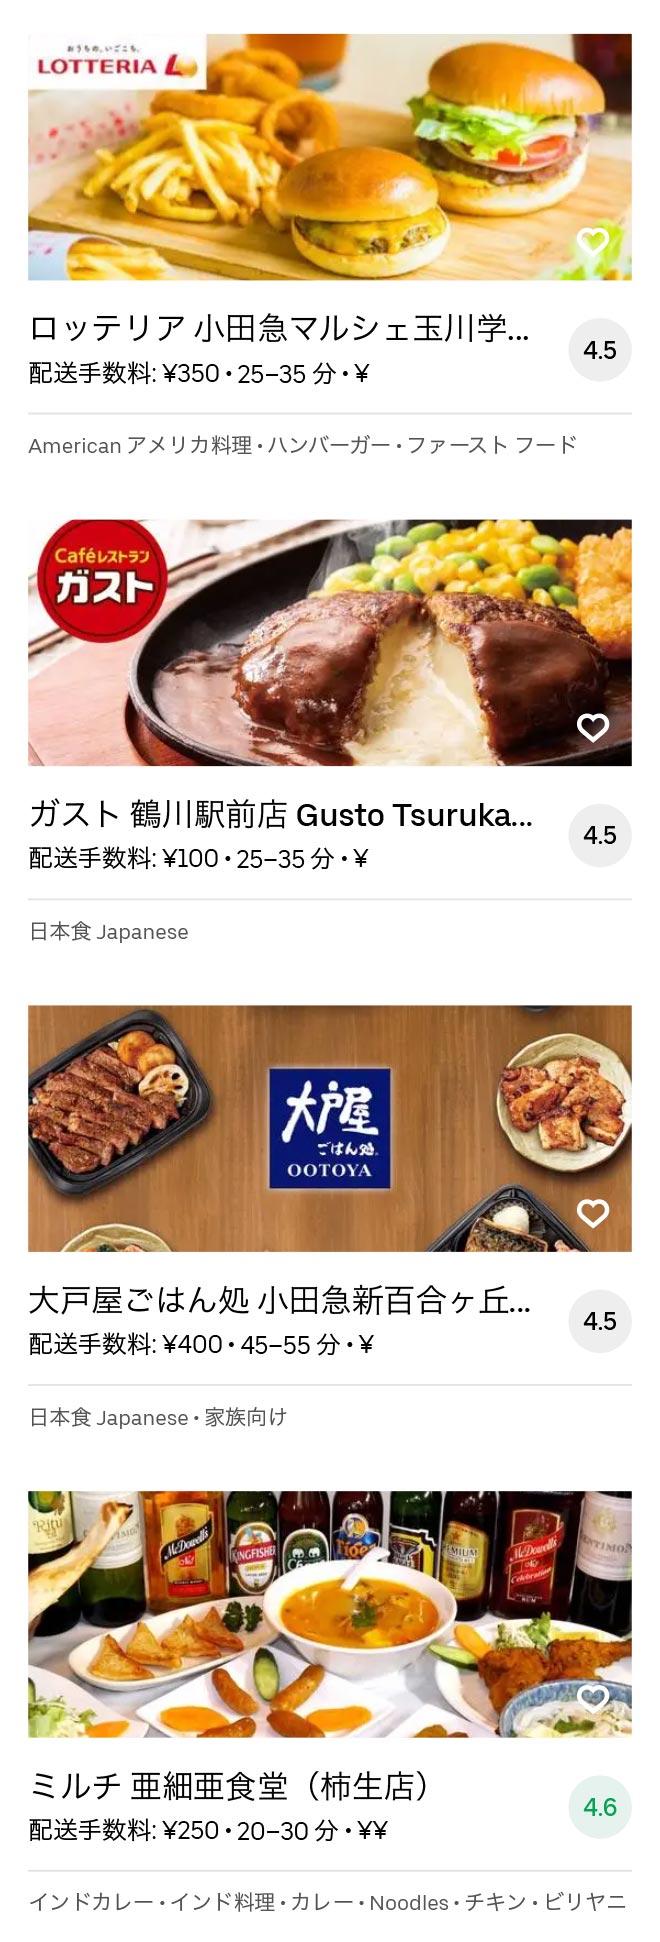 Tsurukawa menu 2010 06